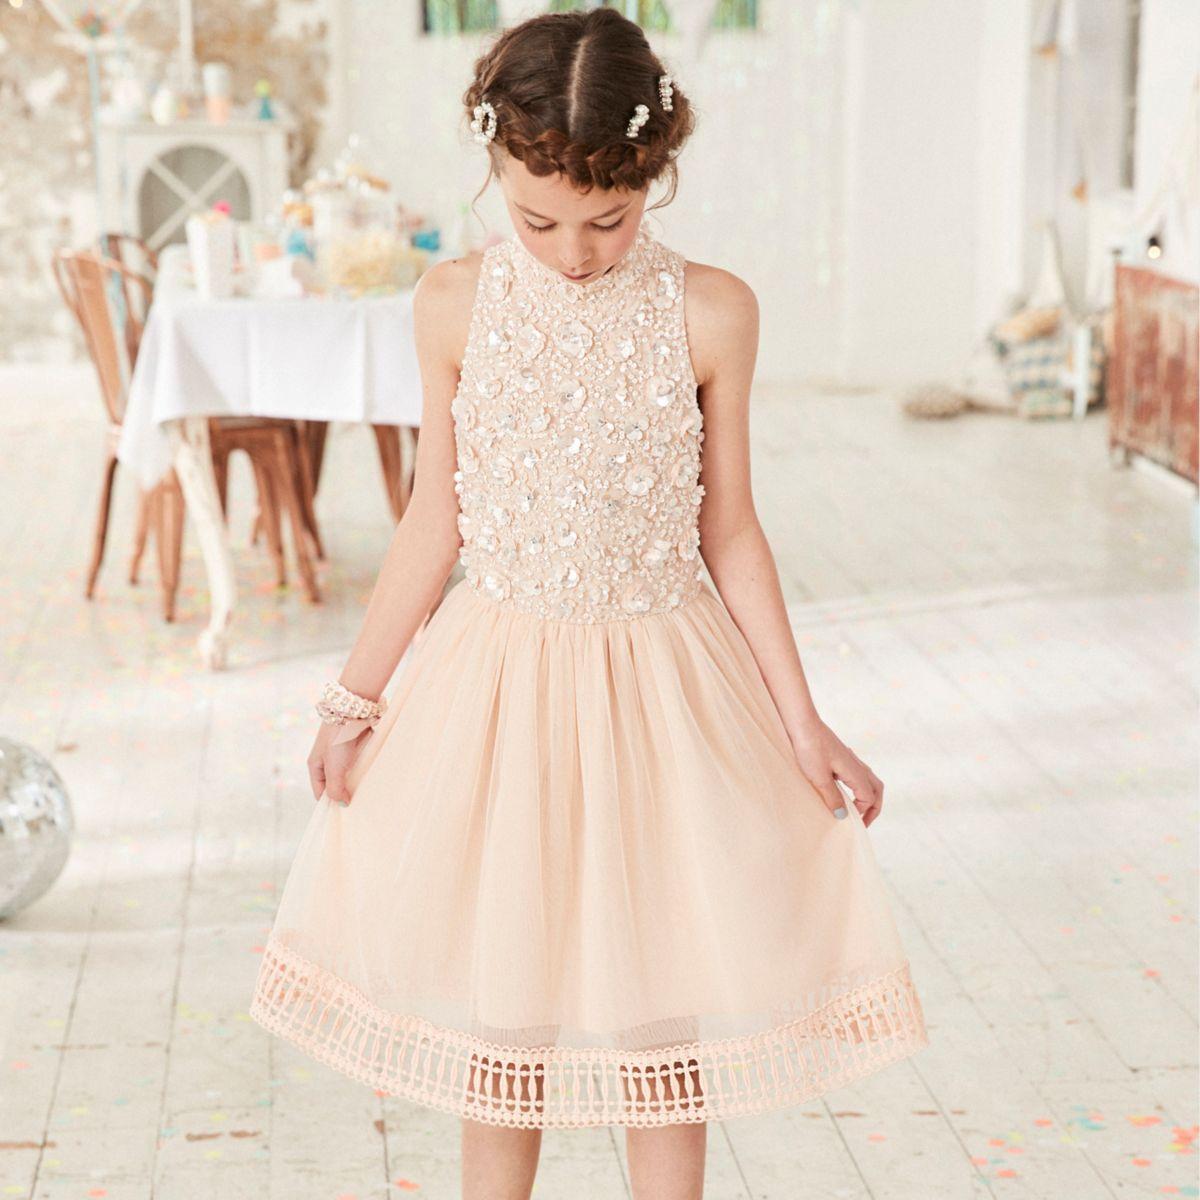 Robe de demoiselle d'honneur rose ornée de fleurs pour fille